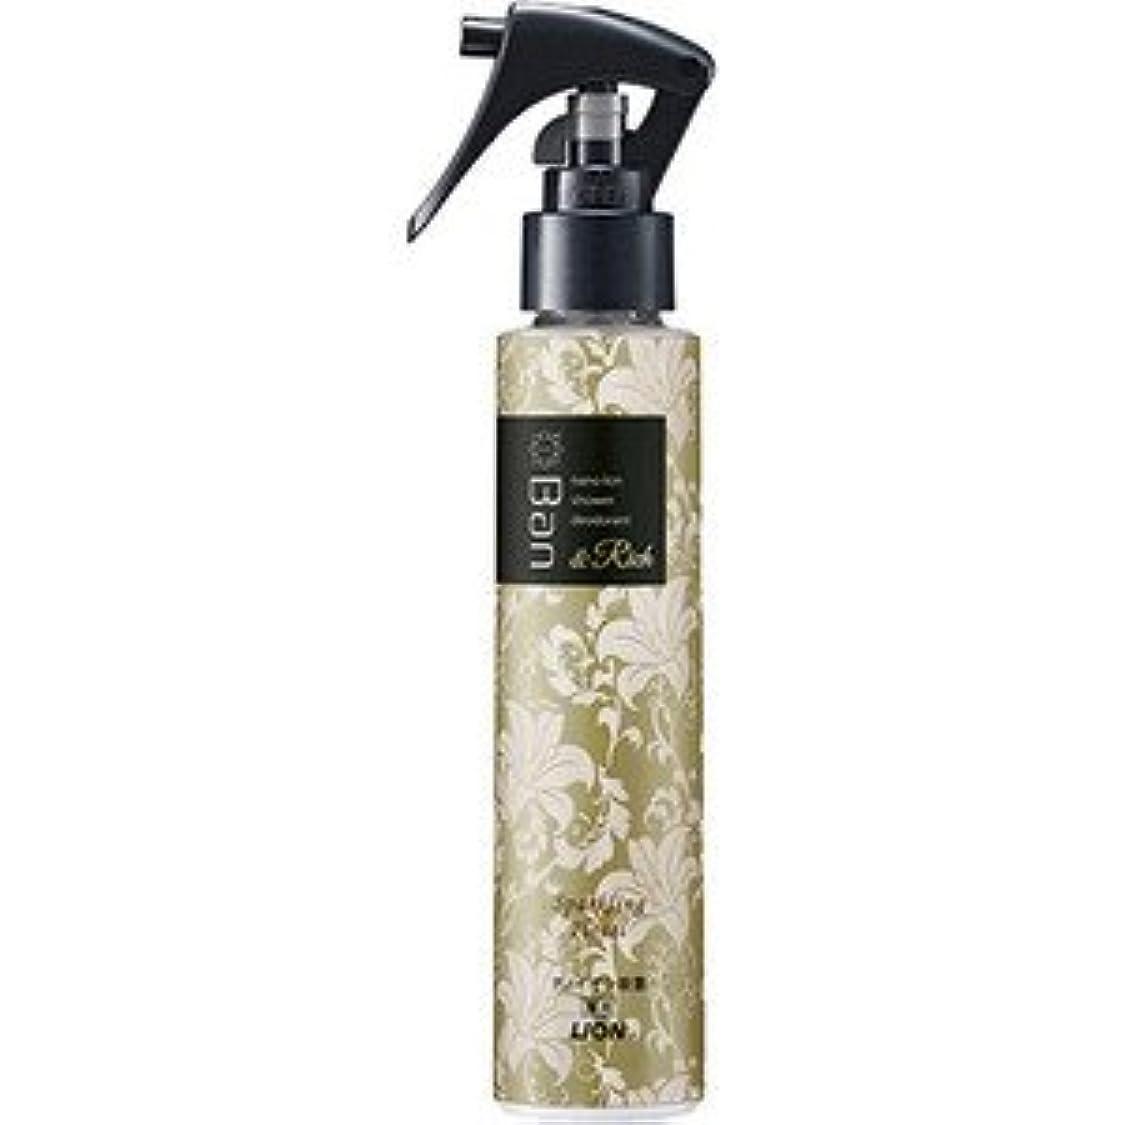 醜い下線ディスカウント(ライオン)Ban(バン) シャワーデオドラント&Rich スパークリングフローラルの香り 120ml(医薬部外品)